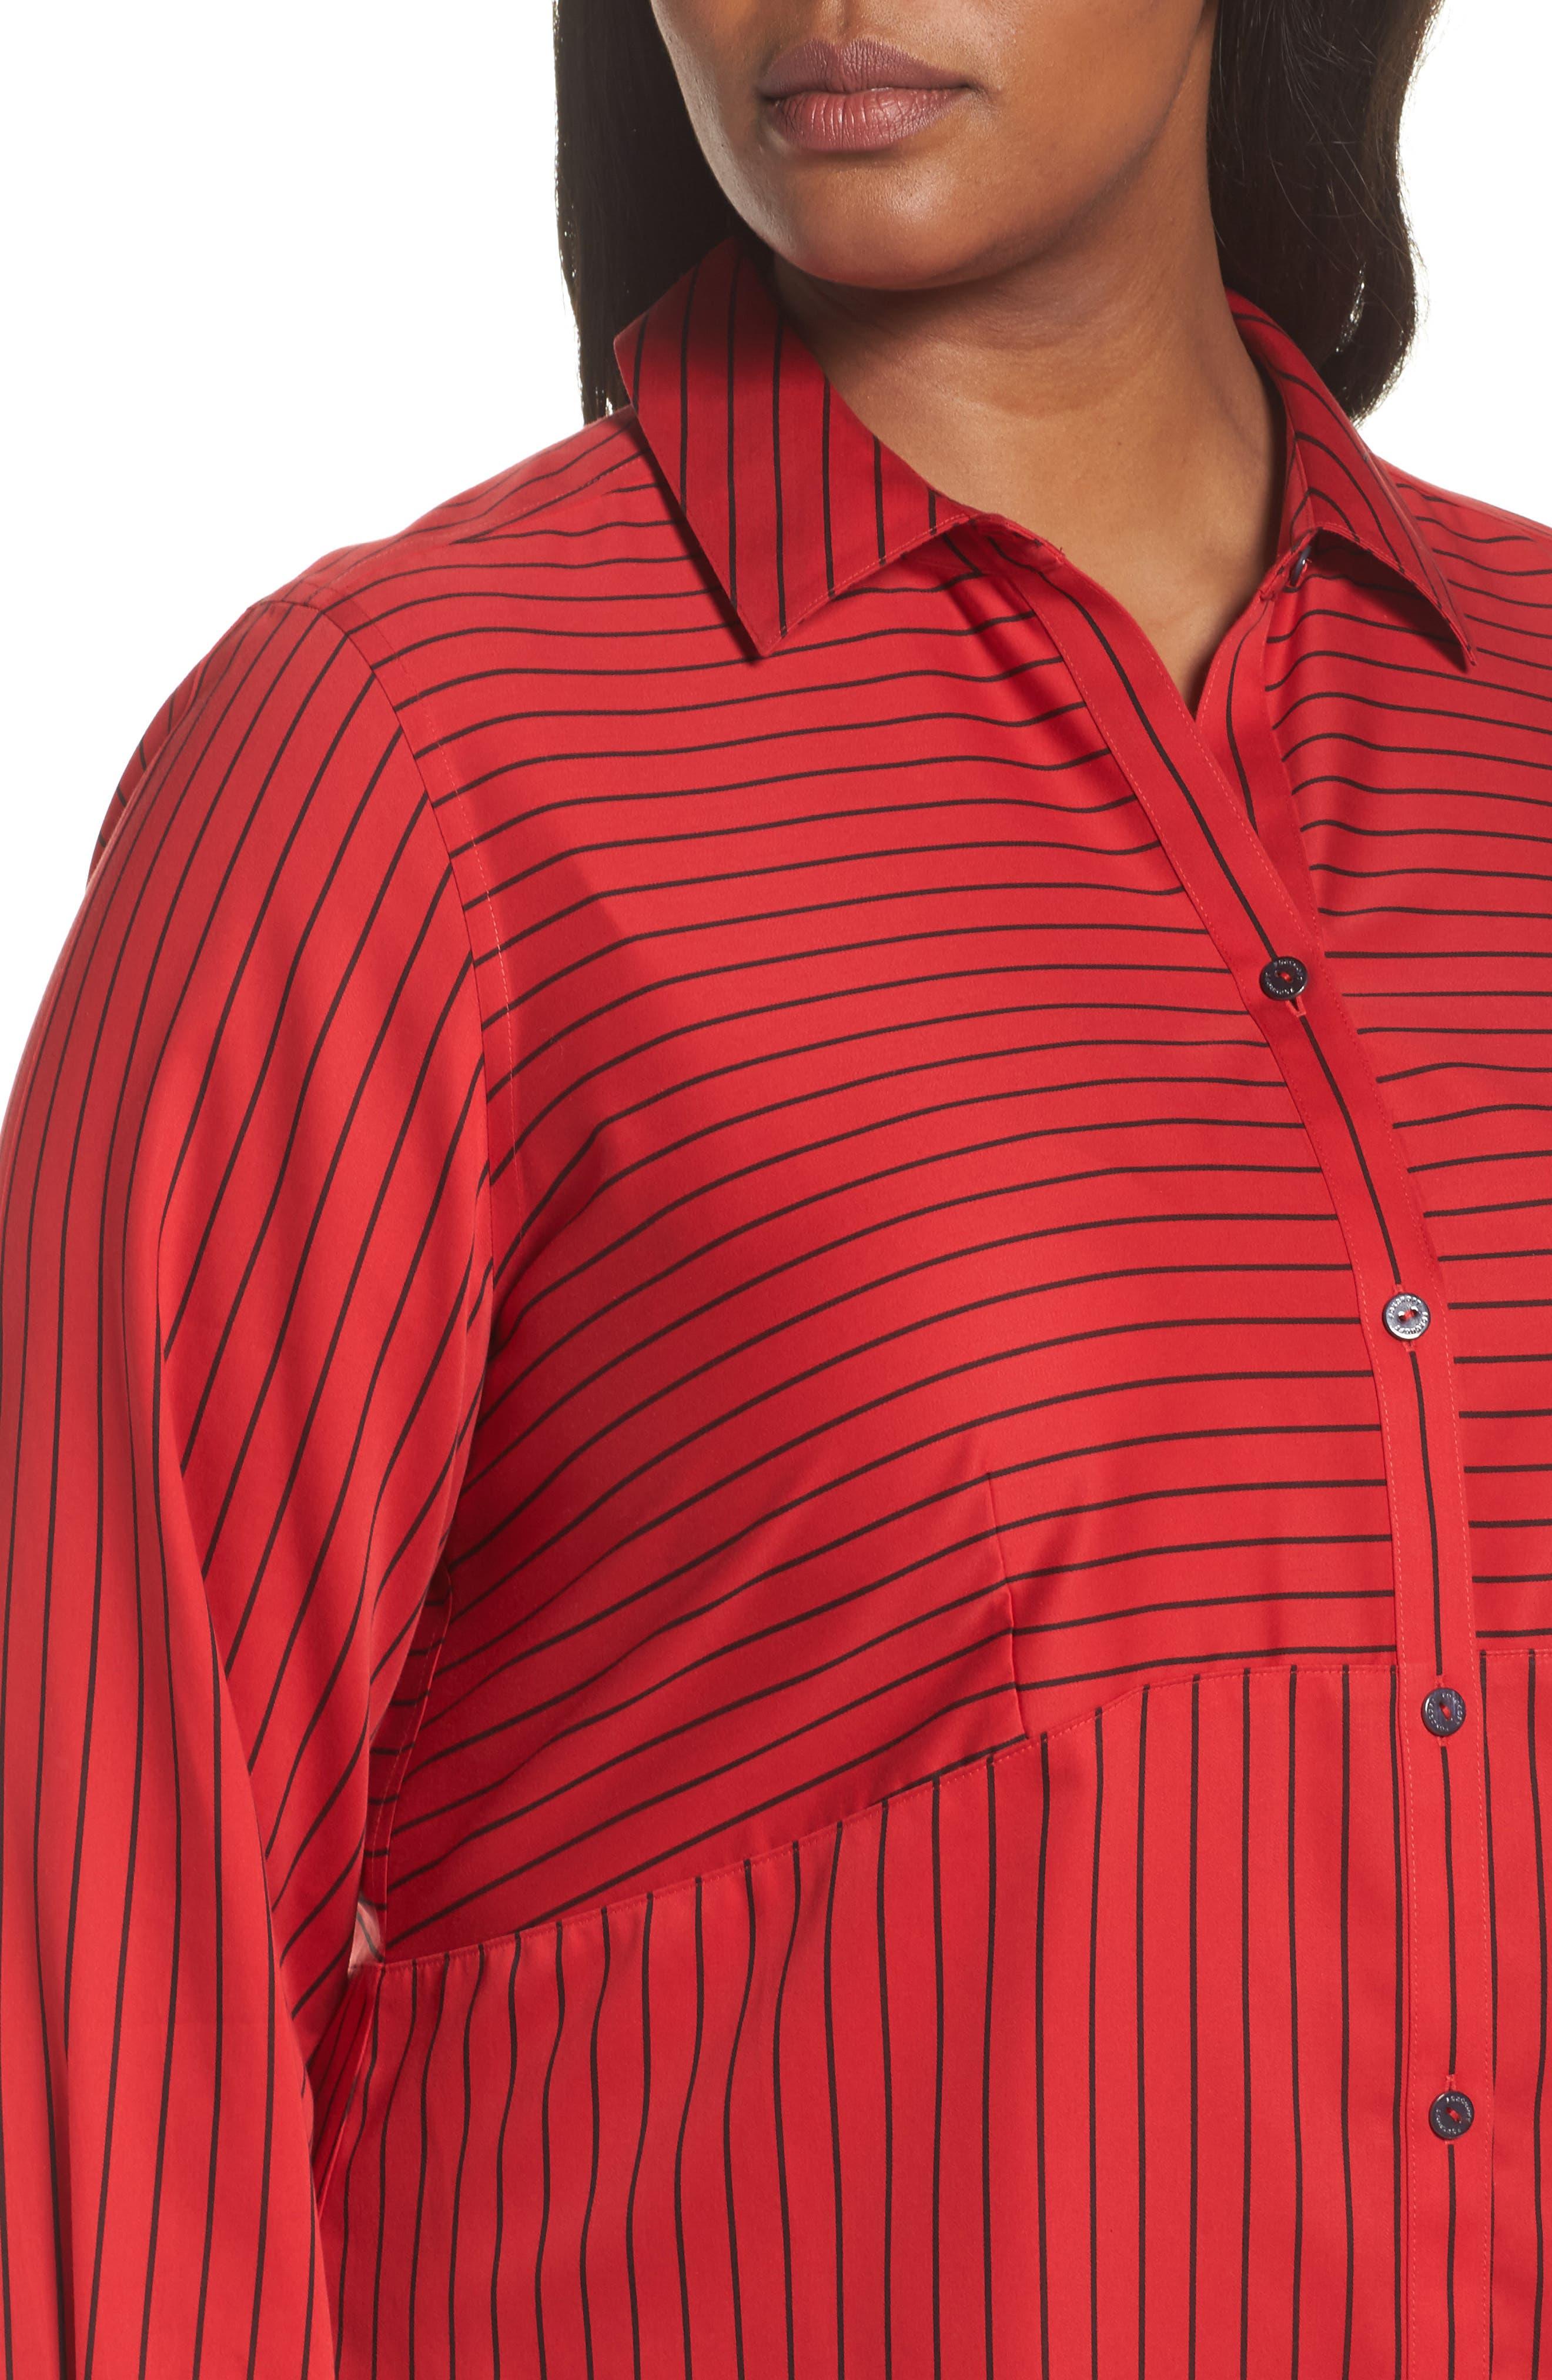 Gina Holiday Stripe Shirt,                             Alternate thumbnail 8, color,